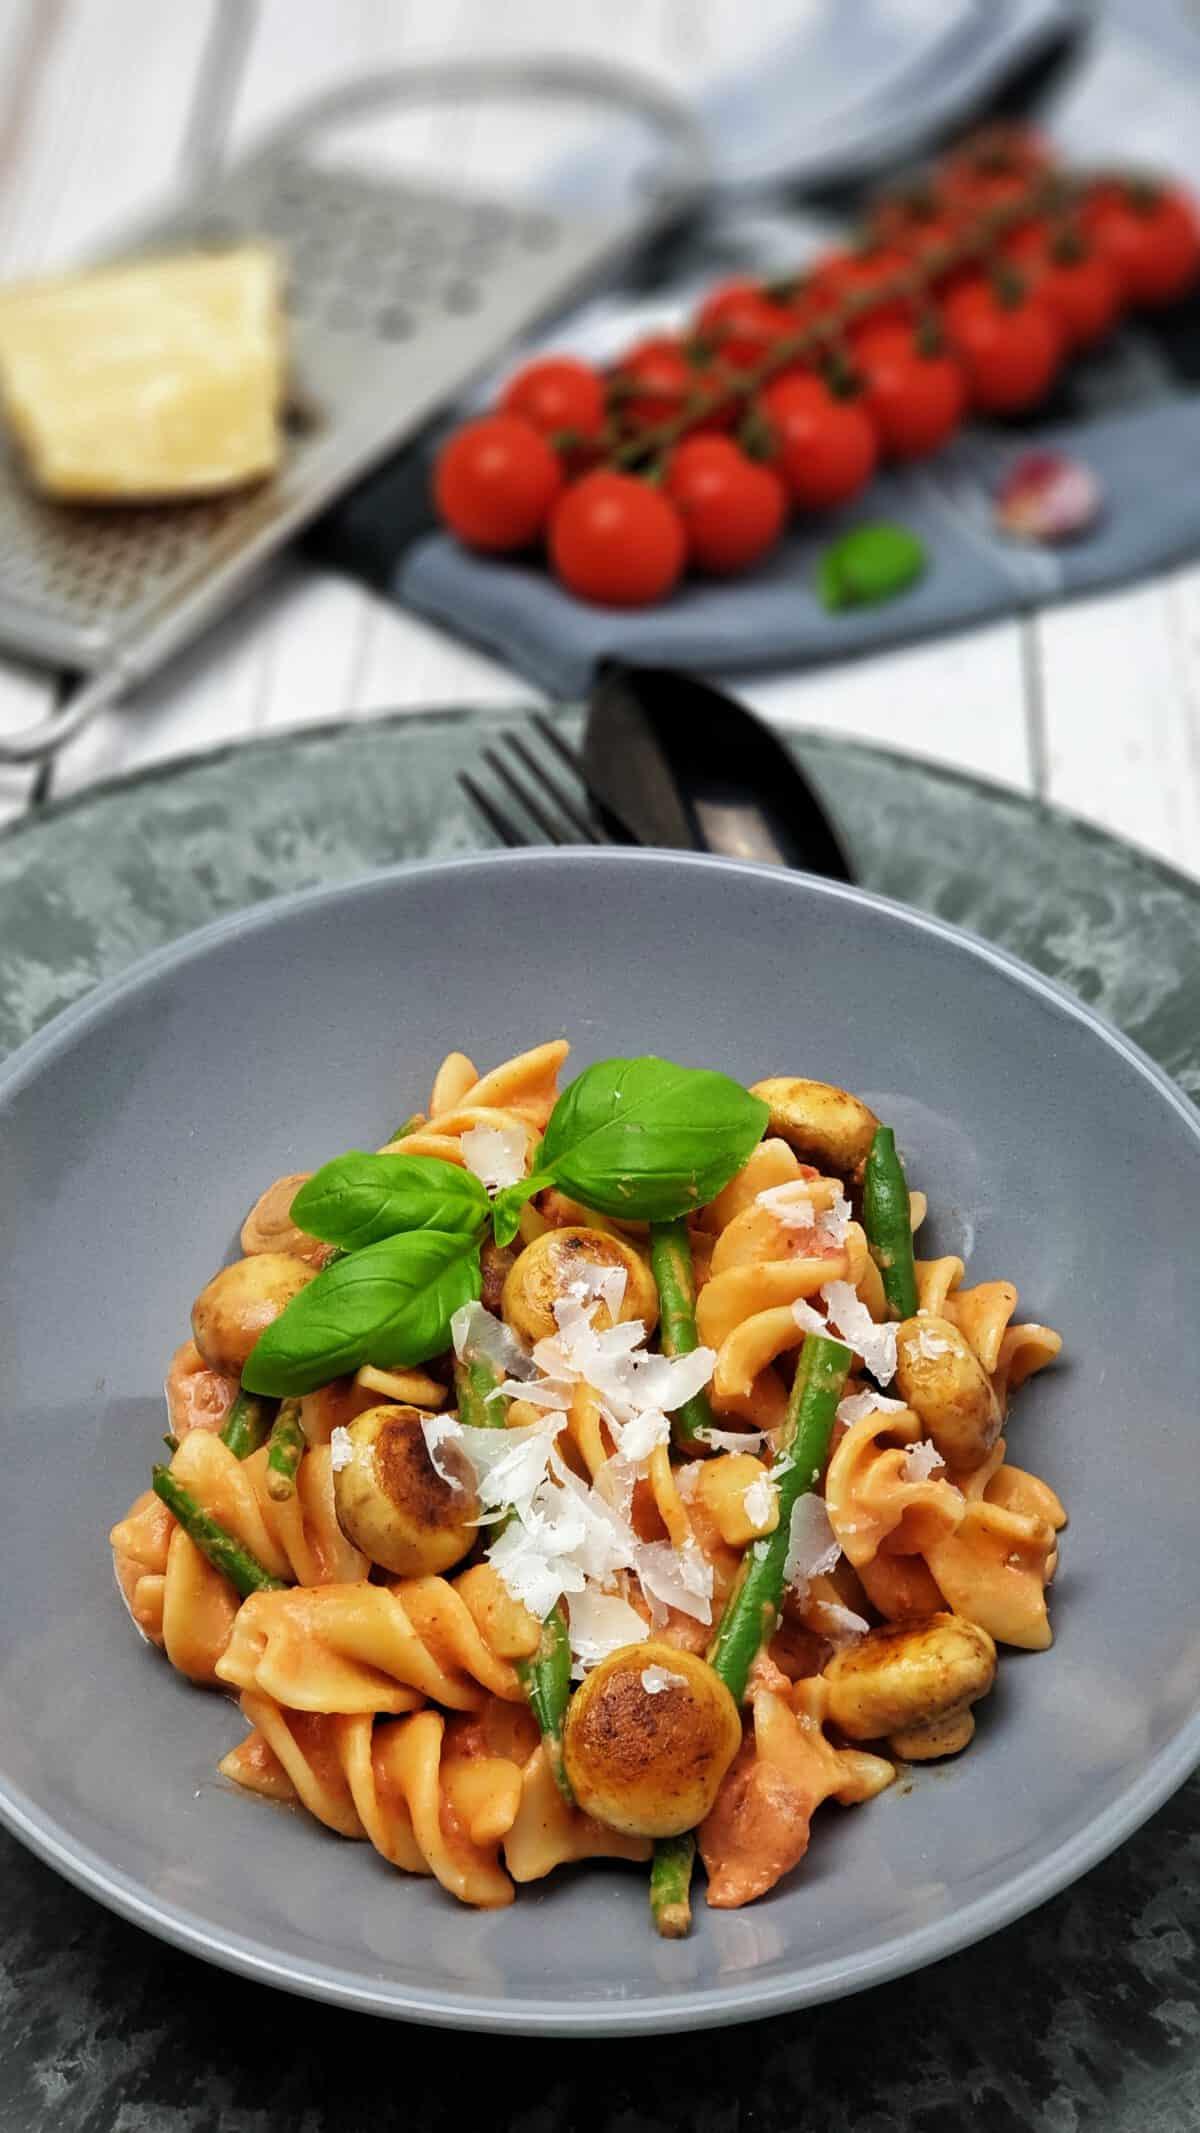 Nudeln mit Tomaten-Frischkäse-Soße in einer grauen Schale angerichtet. Mit Parmesan bestreut und mit Basilikum serviert.